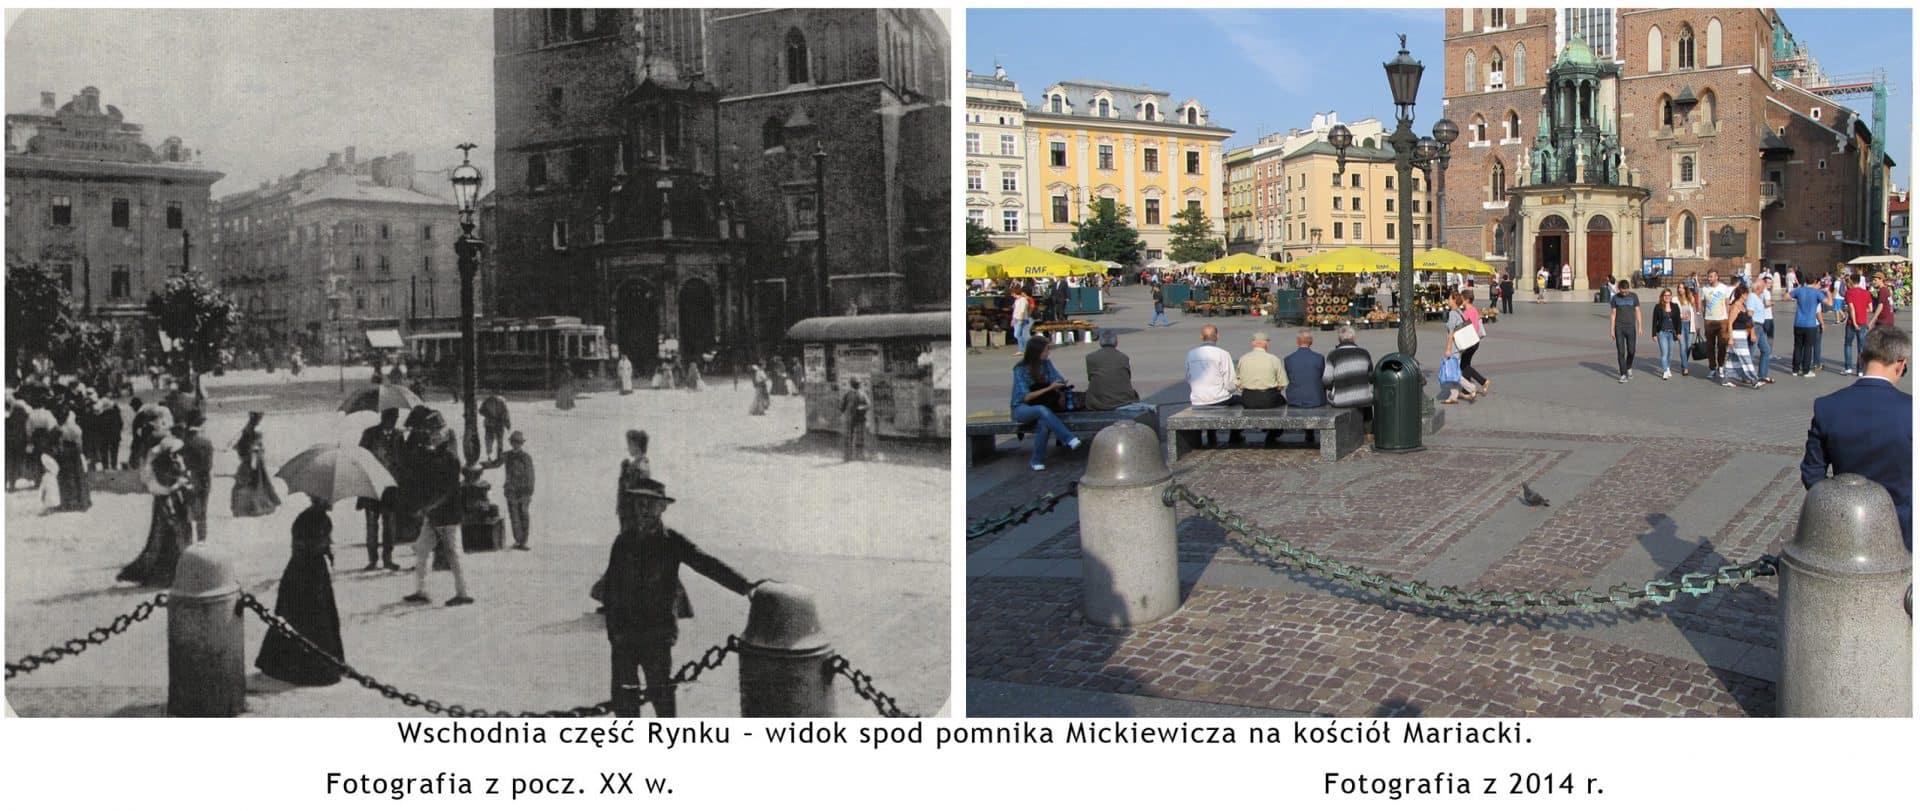 """Rynek Główny w Krakowie. Źródło: """"Wystawa fotografii dawny i współczesny Kraków""""."""